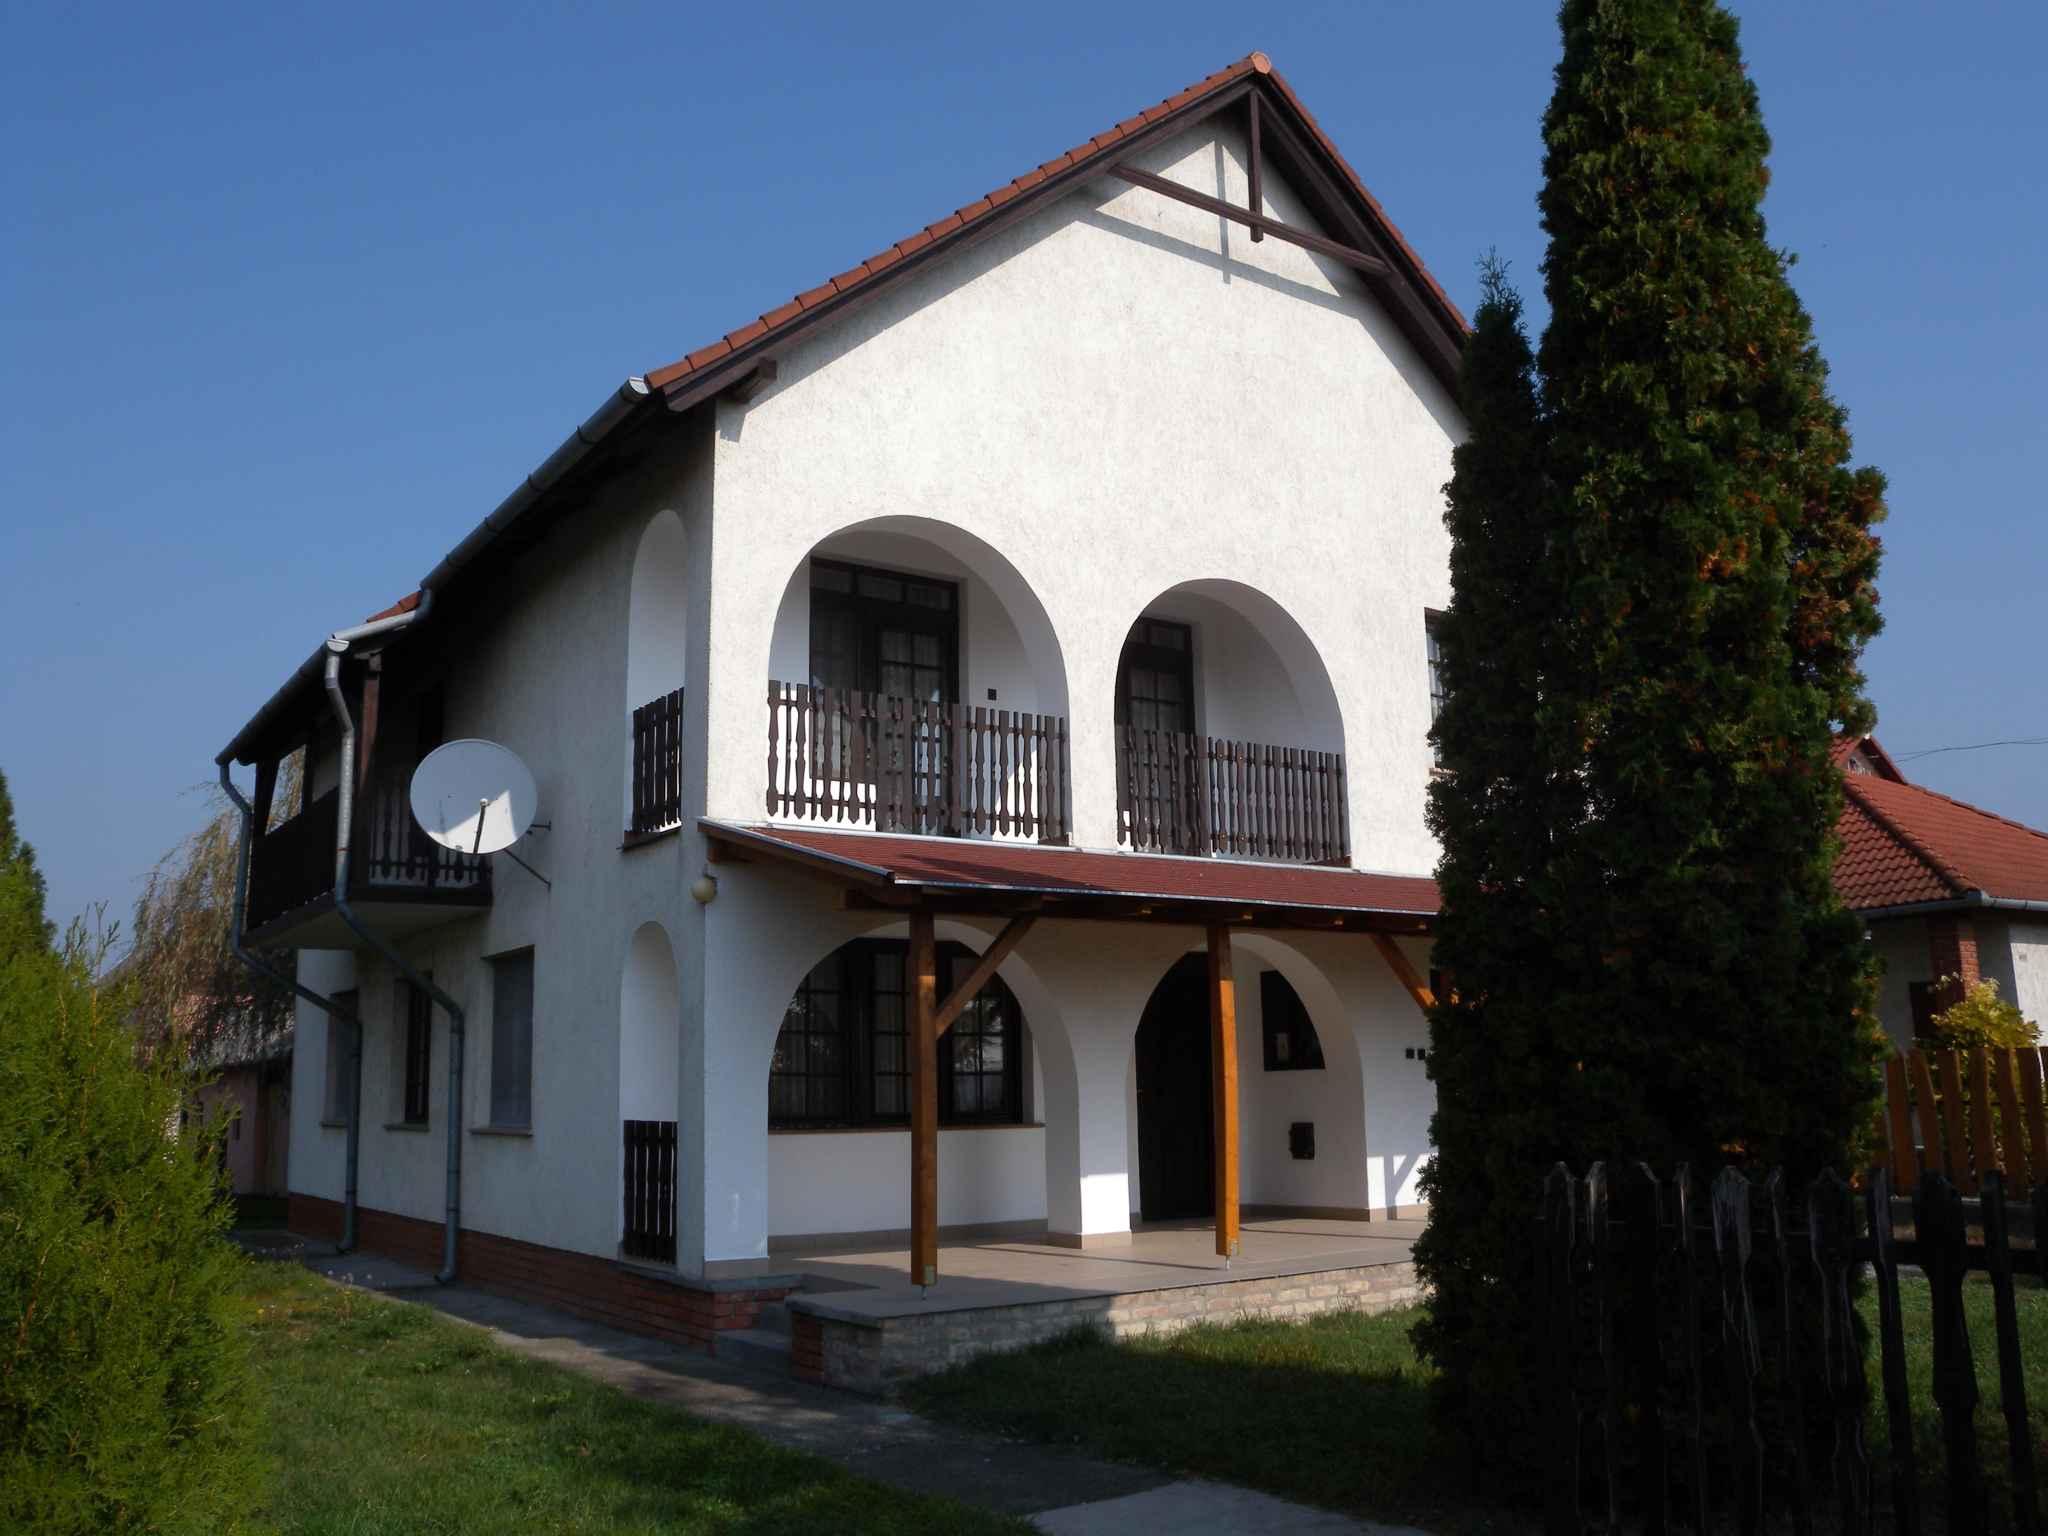 Ferienhaus mit Aussenpool Whirlpool und Sauna